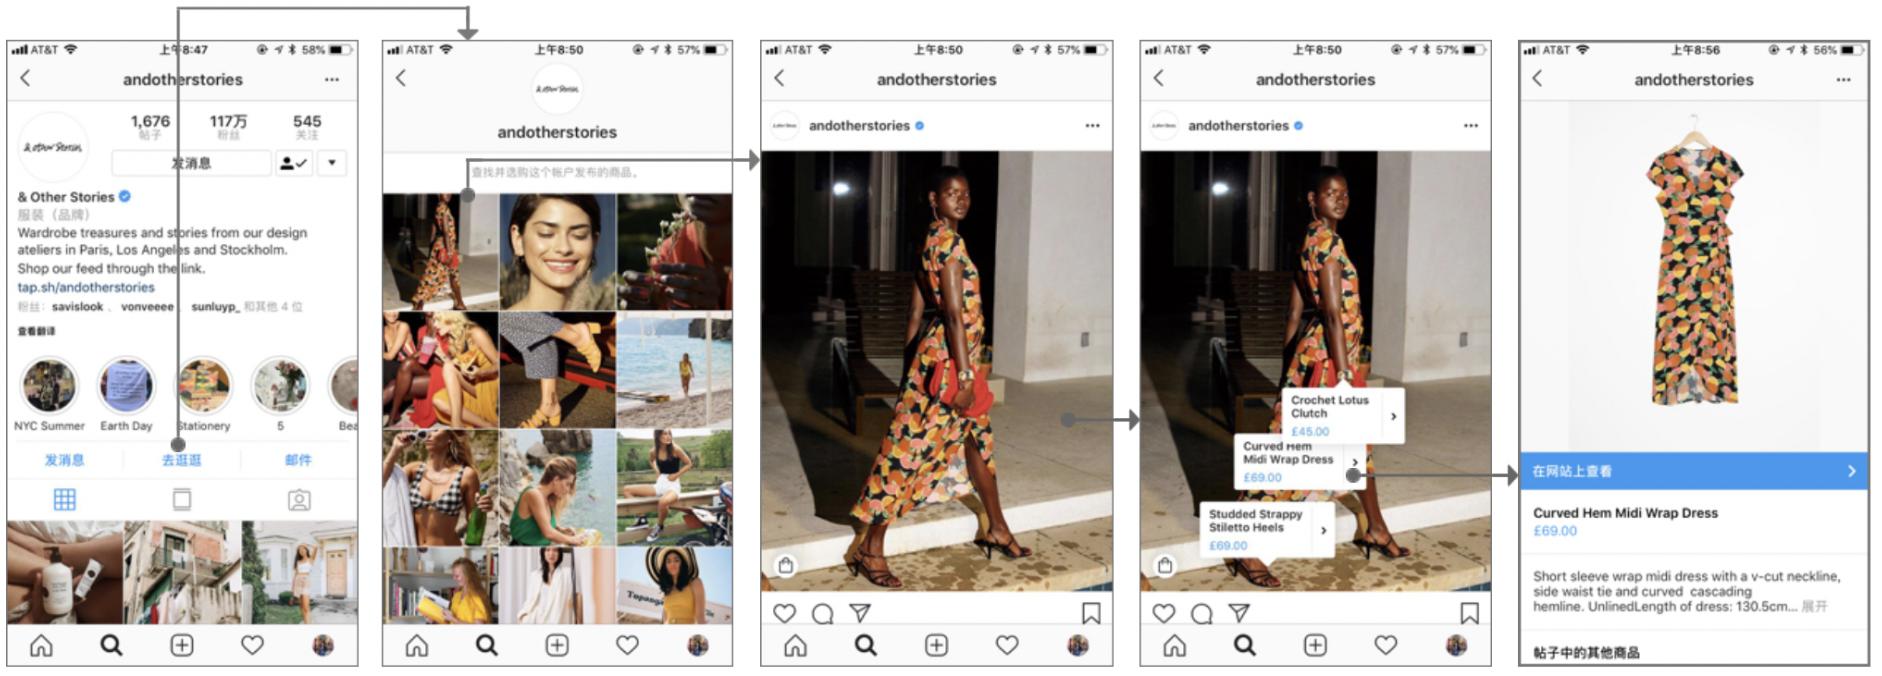 1.8万字,全方位拆解Instagram的Feed流动态和快拍功能插图22